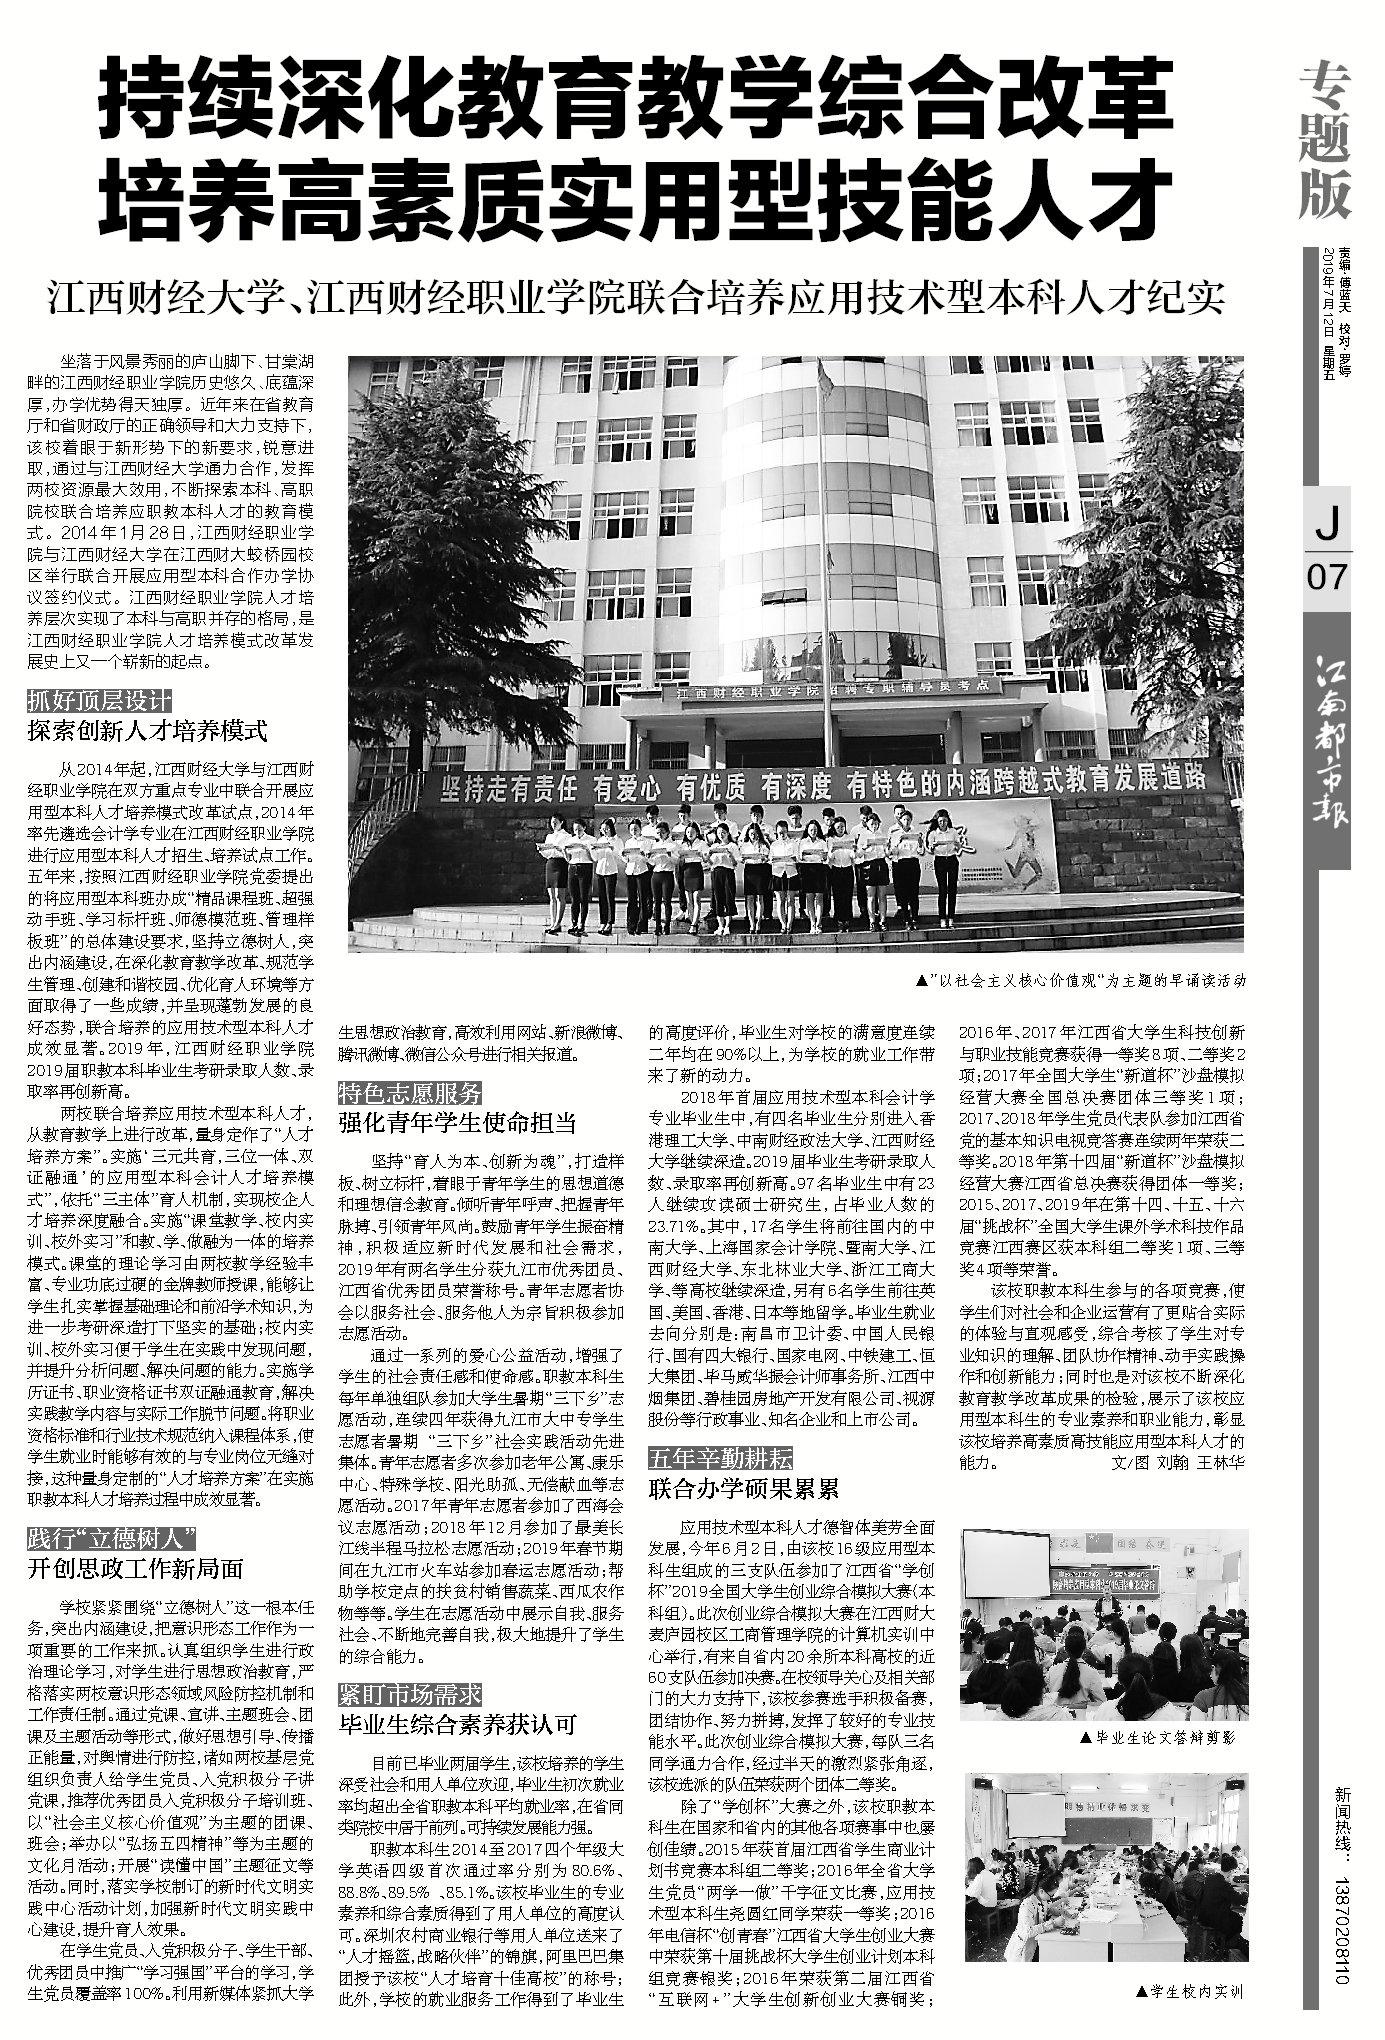 2019年7月12日江南都市报《亚博体育app苹果新闻》专题版